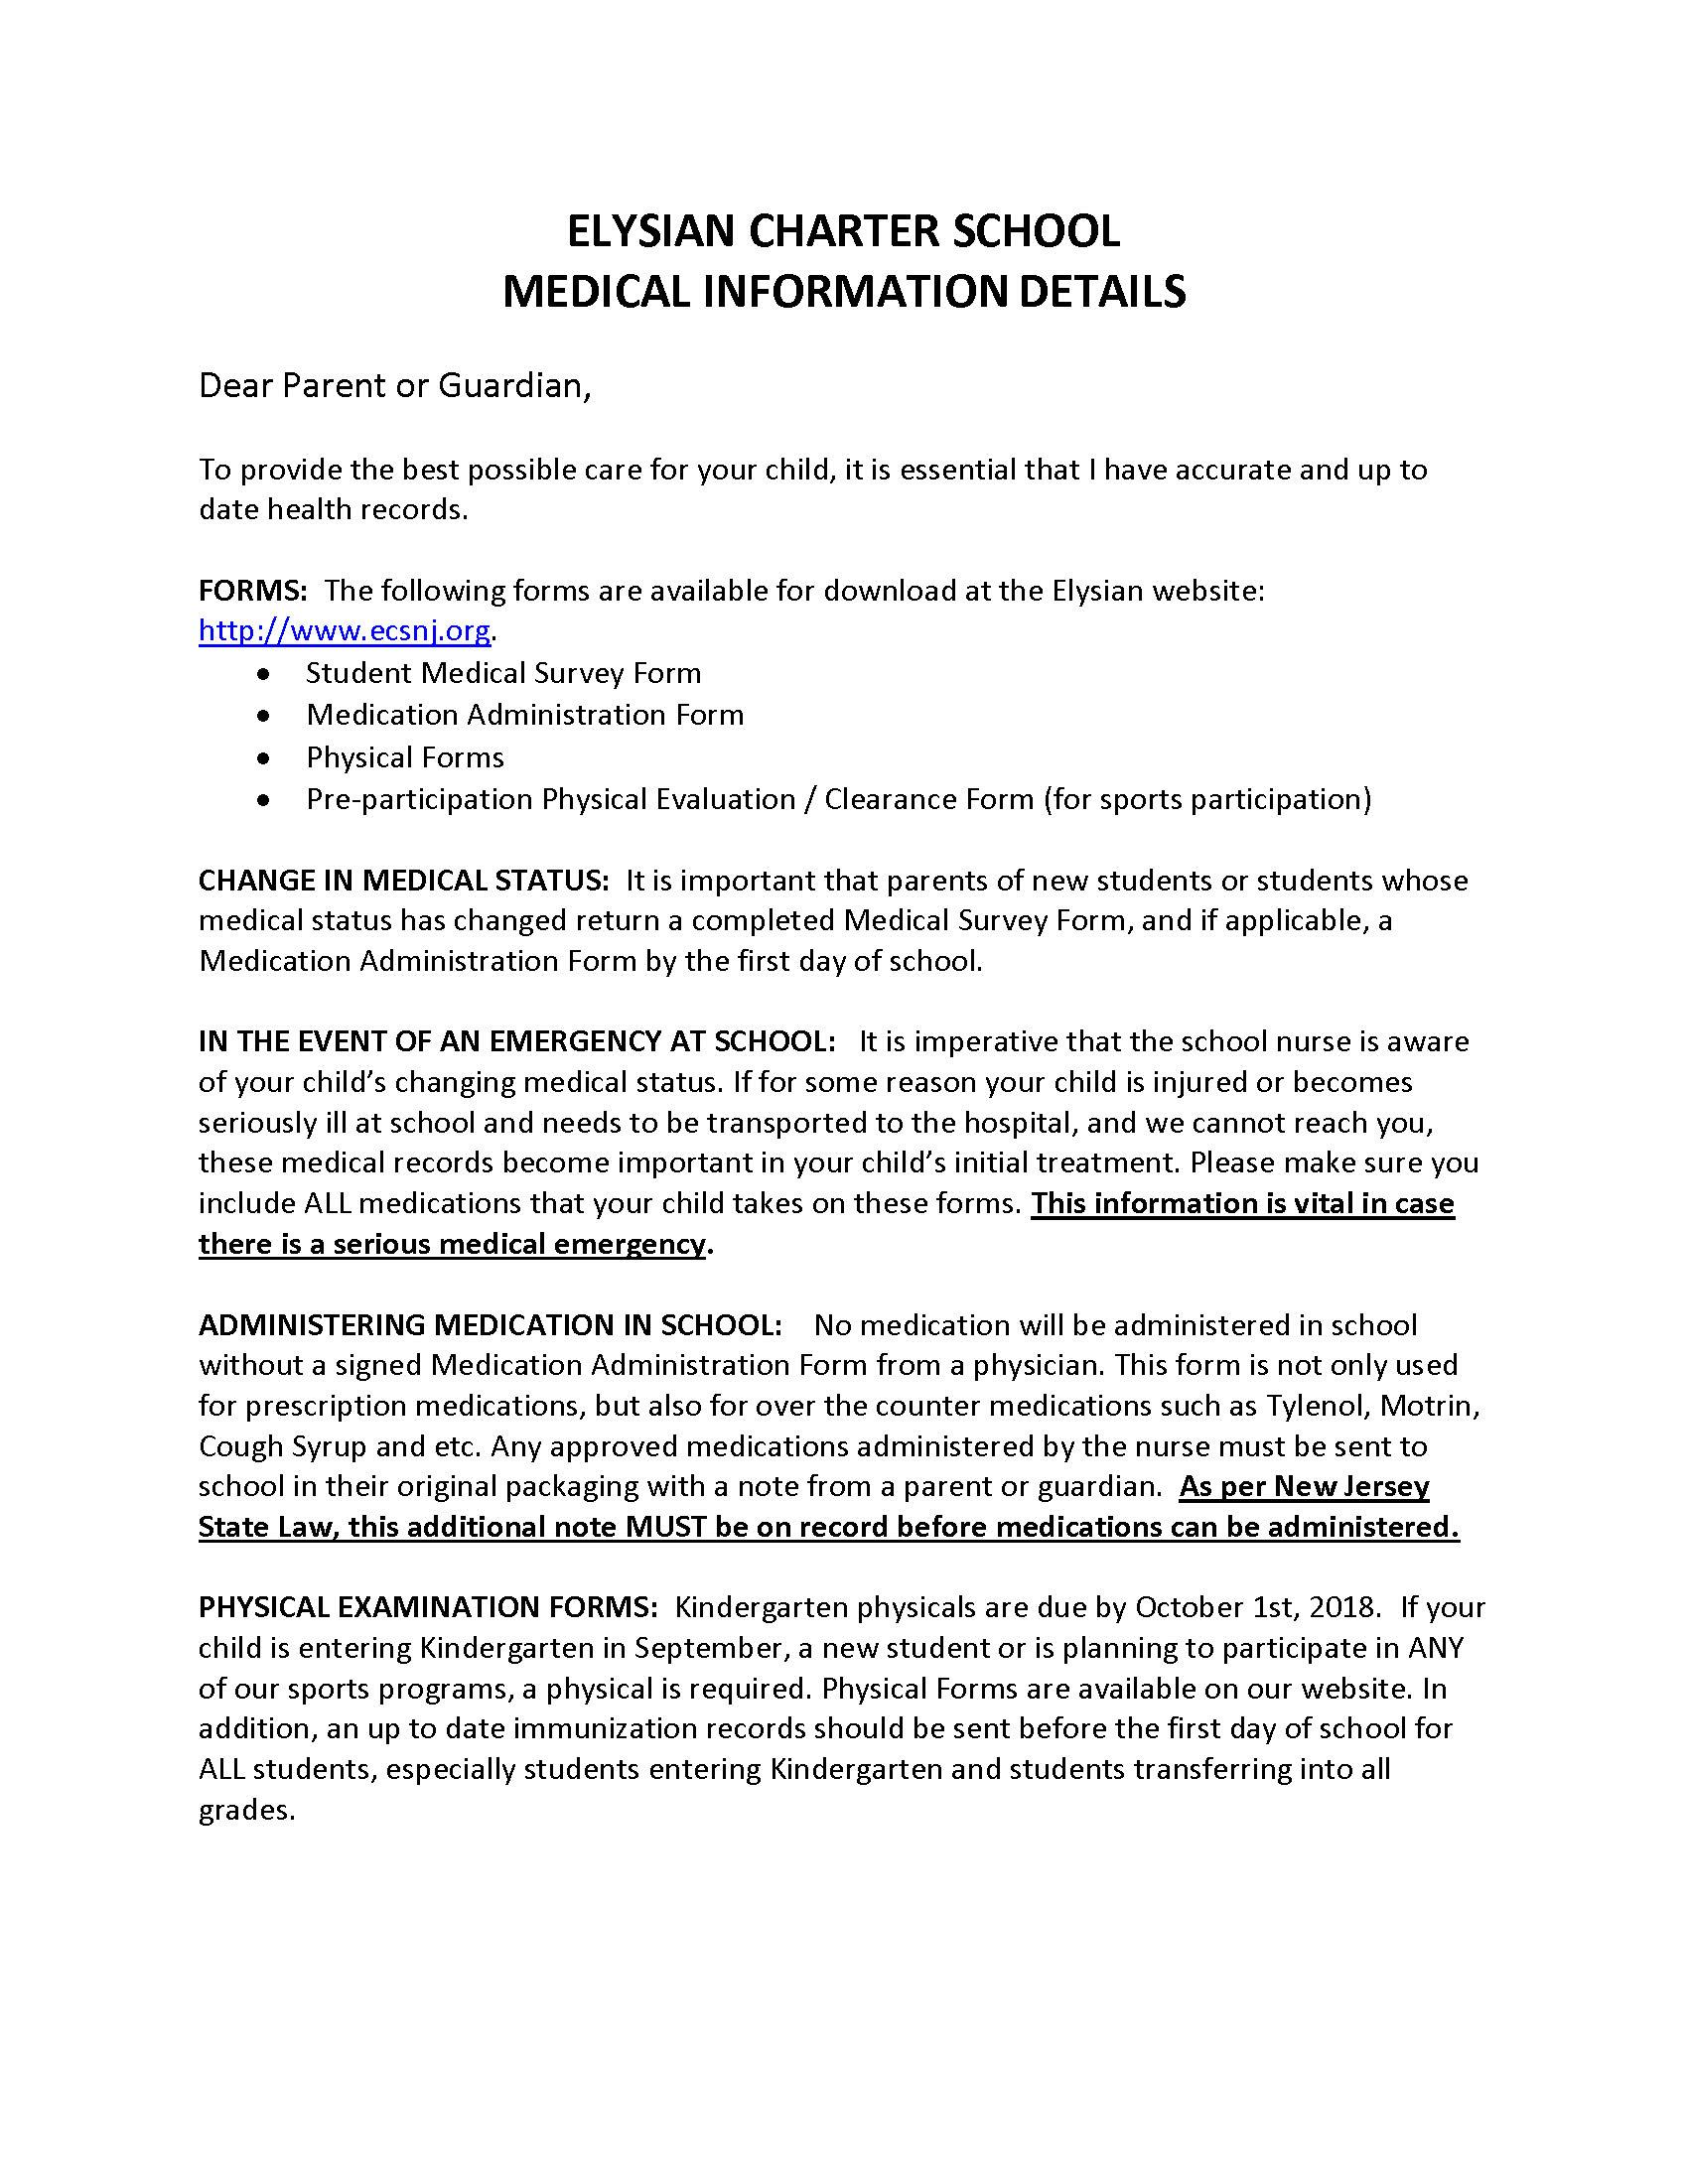 Medical Information Details